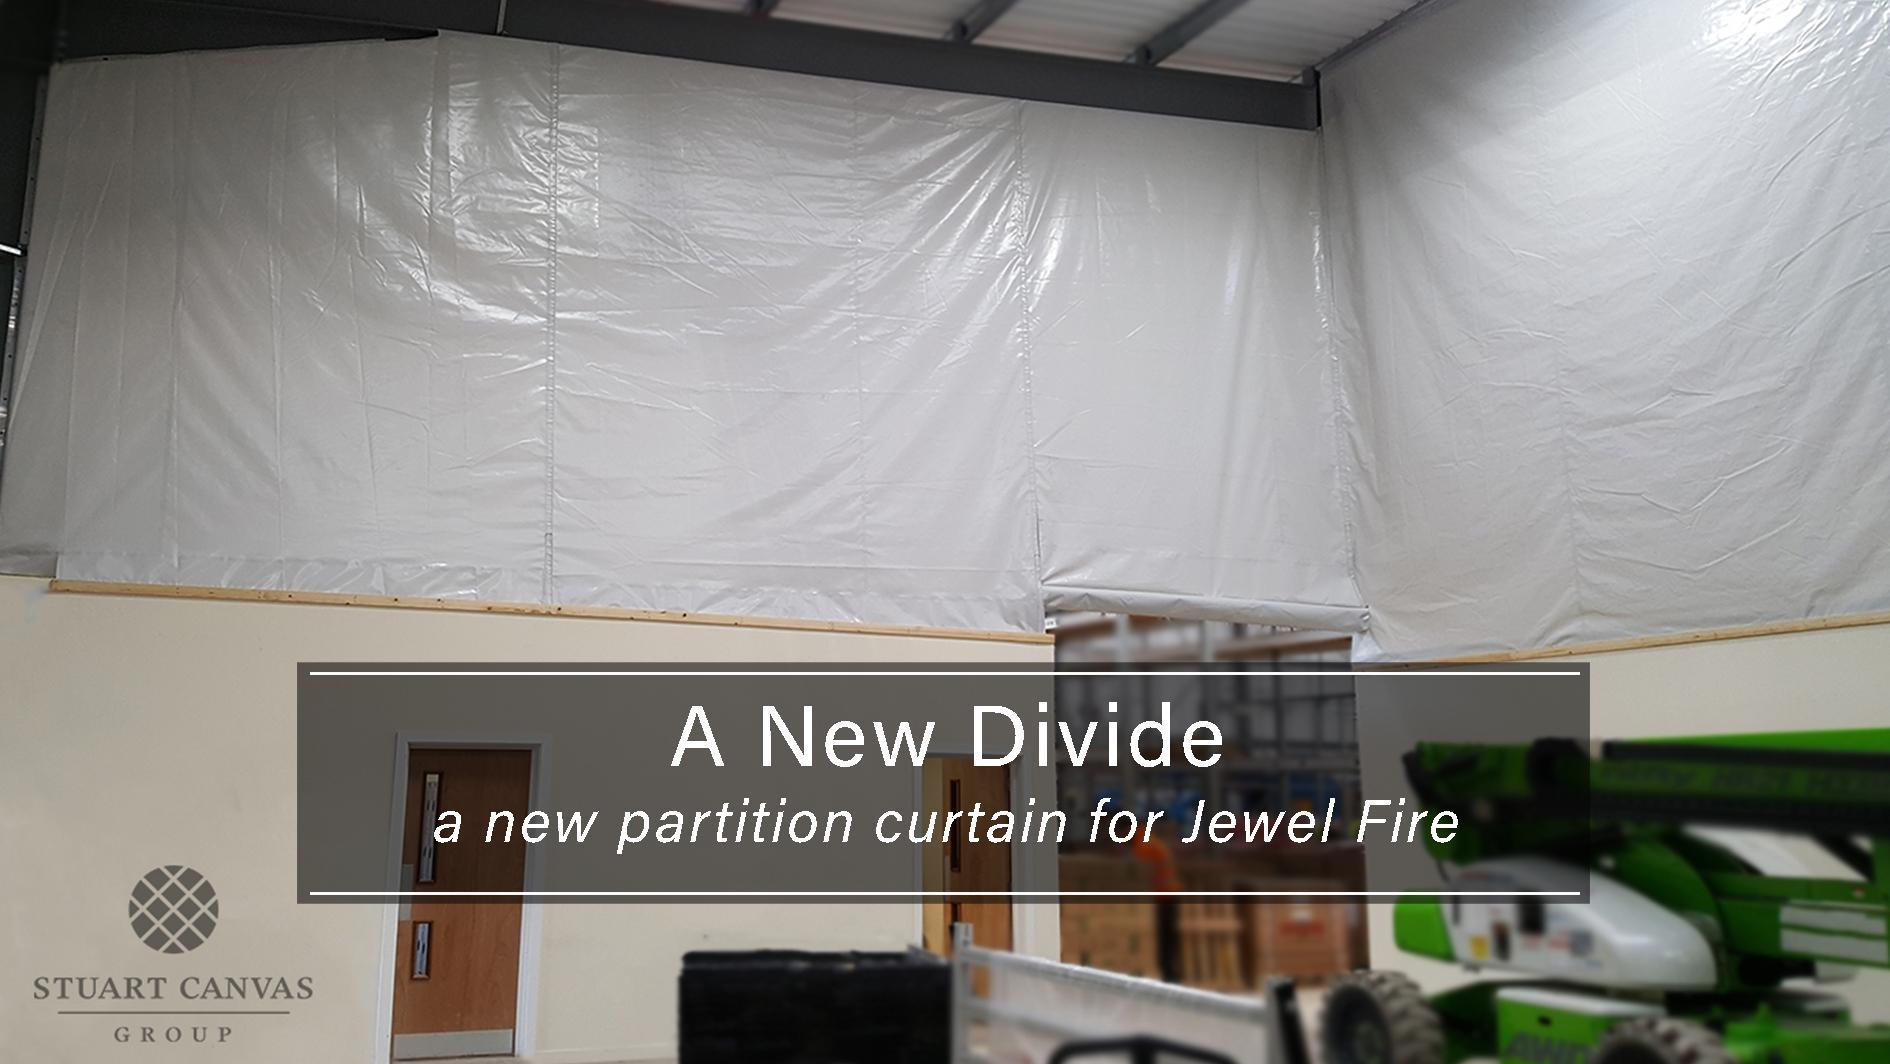 Jewel FireBlog image